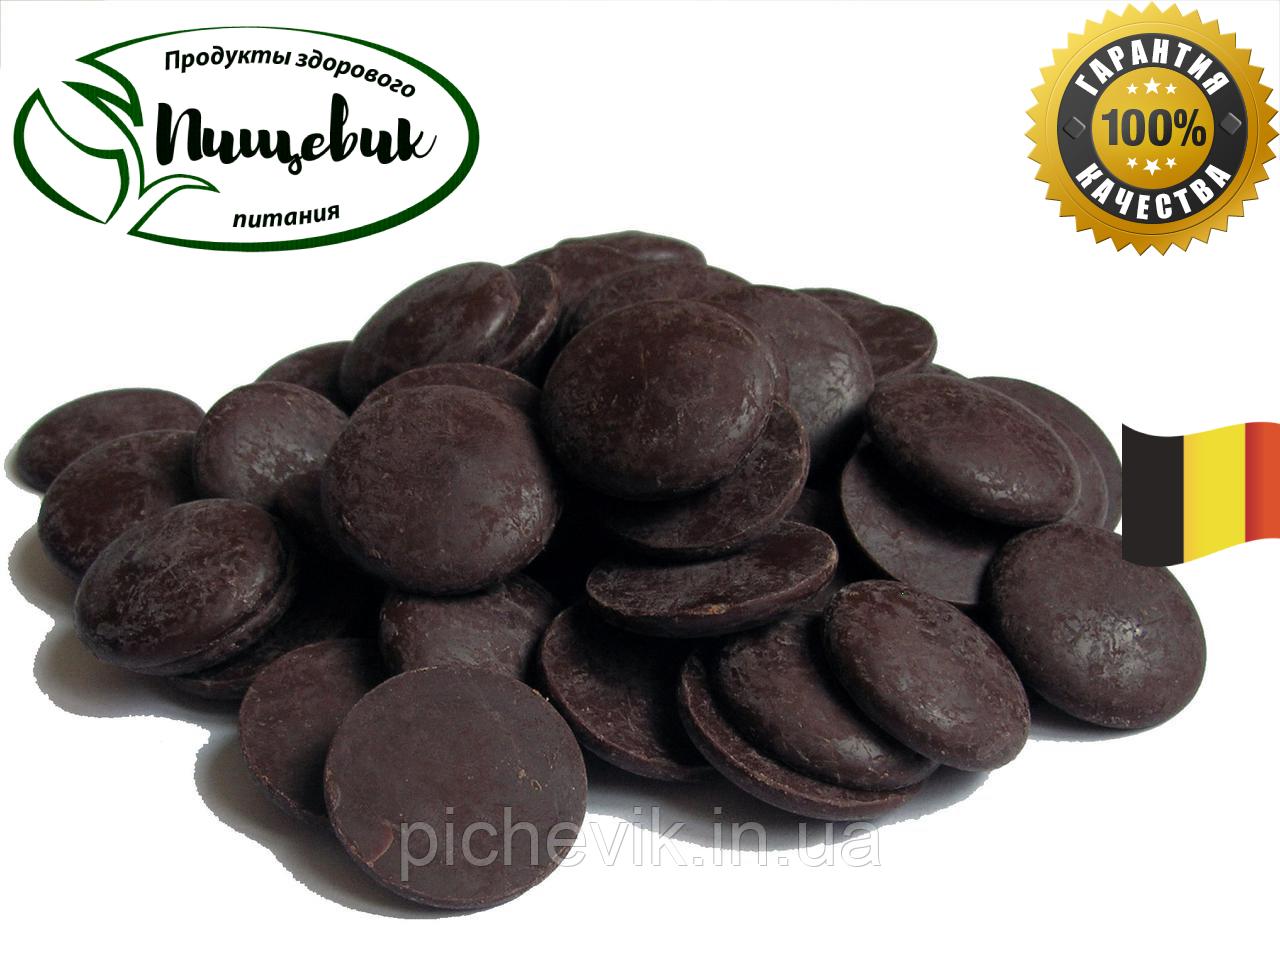 Черный шоколад 72% ТМ Сargill Cacaco & Chocolaed (Бельгия) Вес: 1 кг